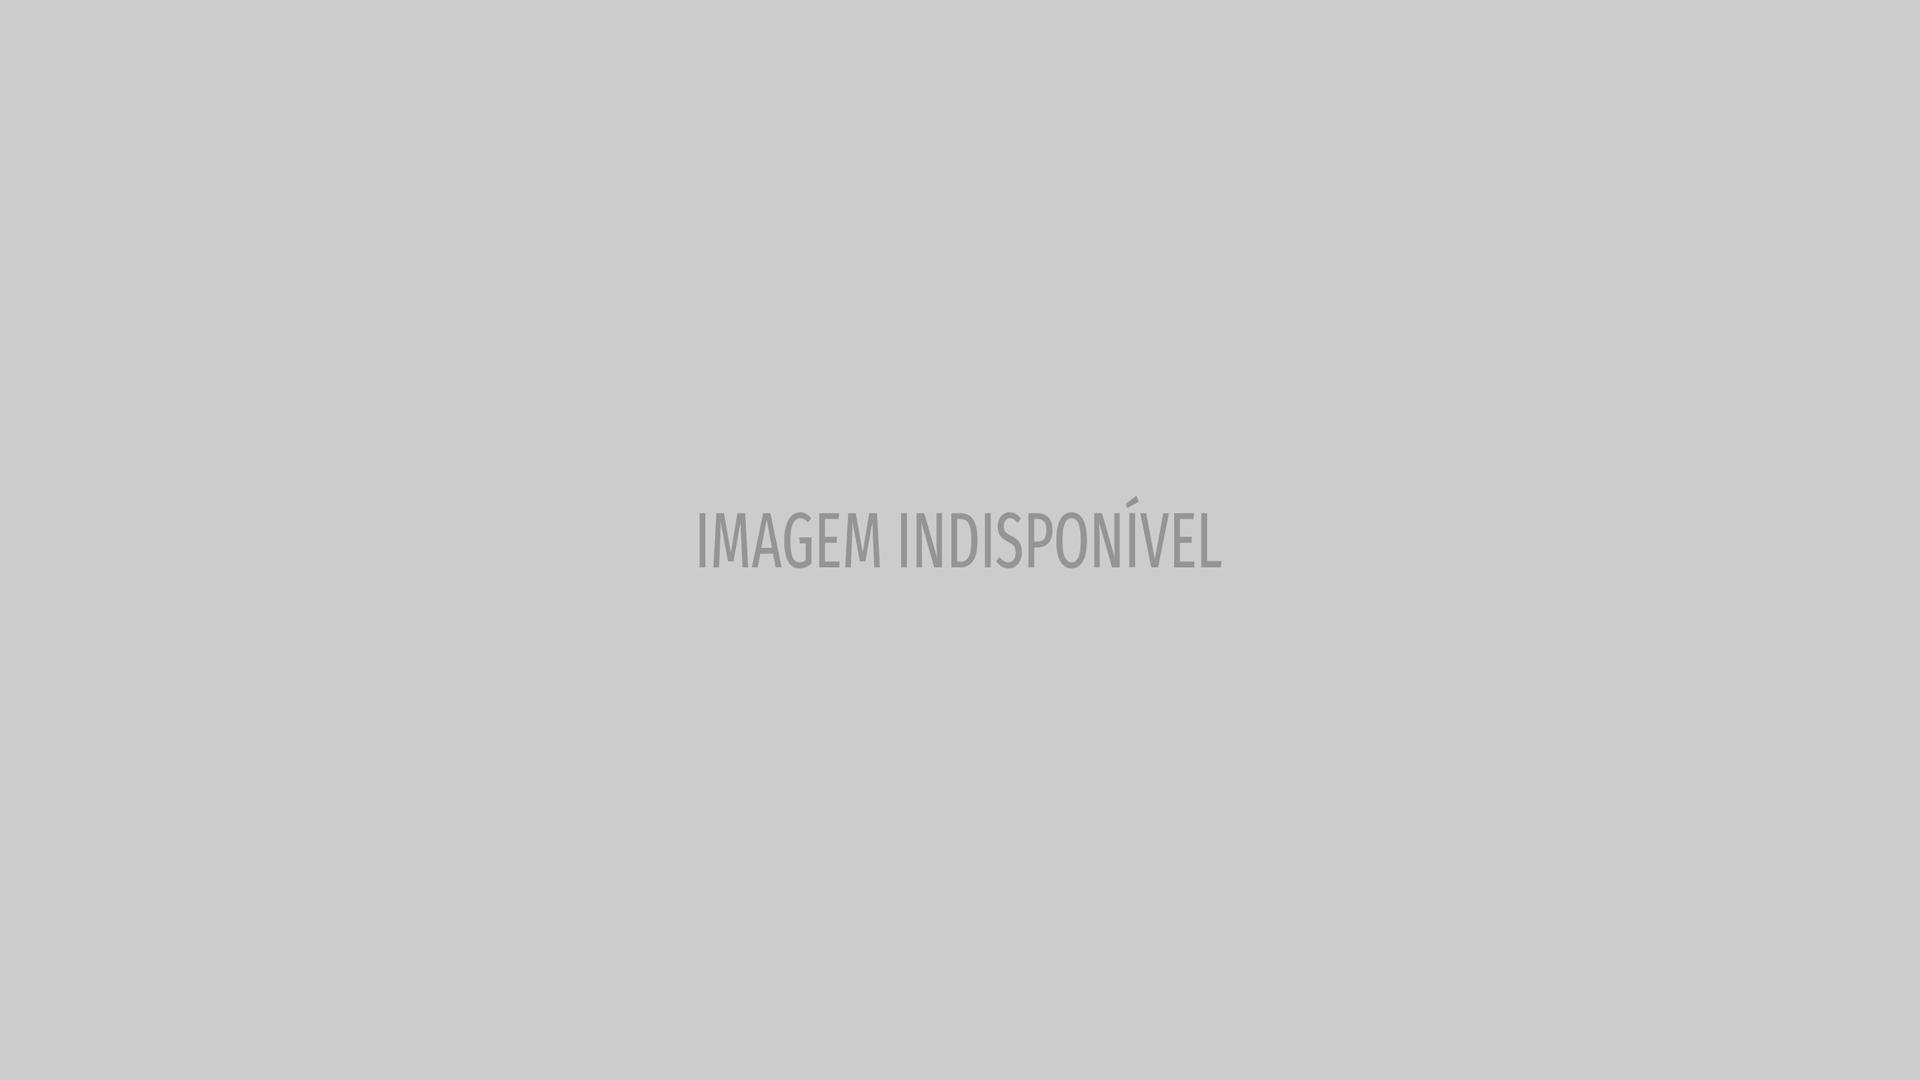 Confirma-se: Joaquin Phoenix vai ser o próximo Joker. E há vídeo oficial